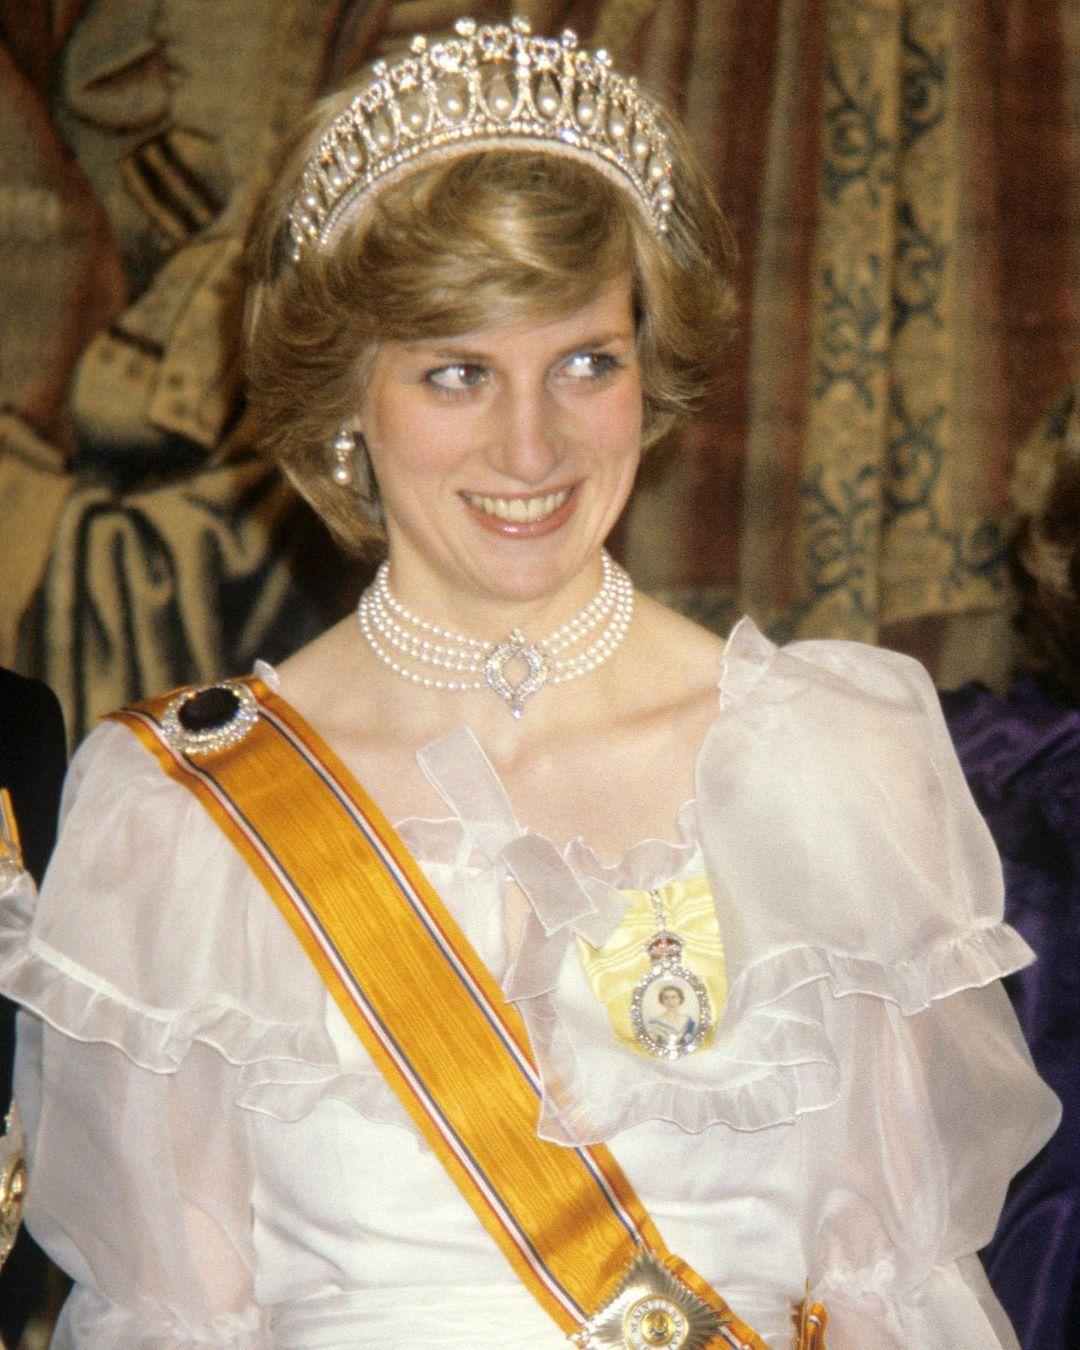 الأميرة ديانا مرتدية عقد اللؤلؤ والماس الفاخر